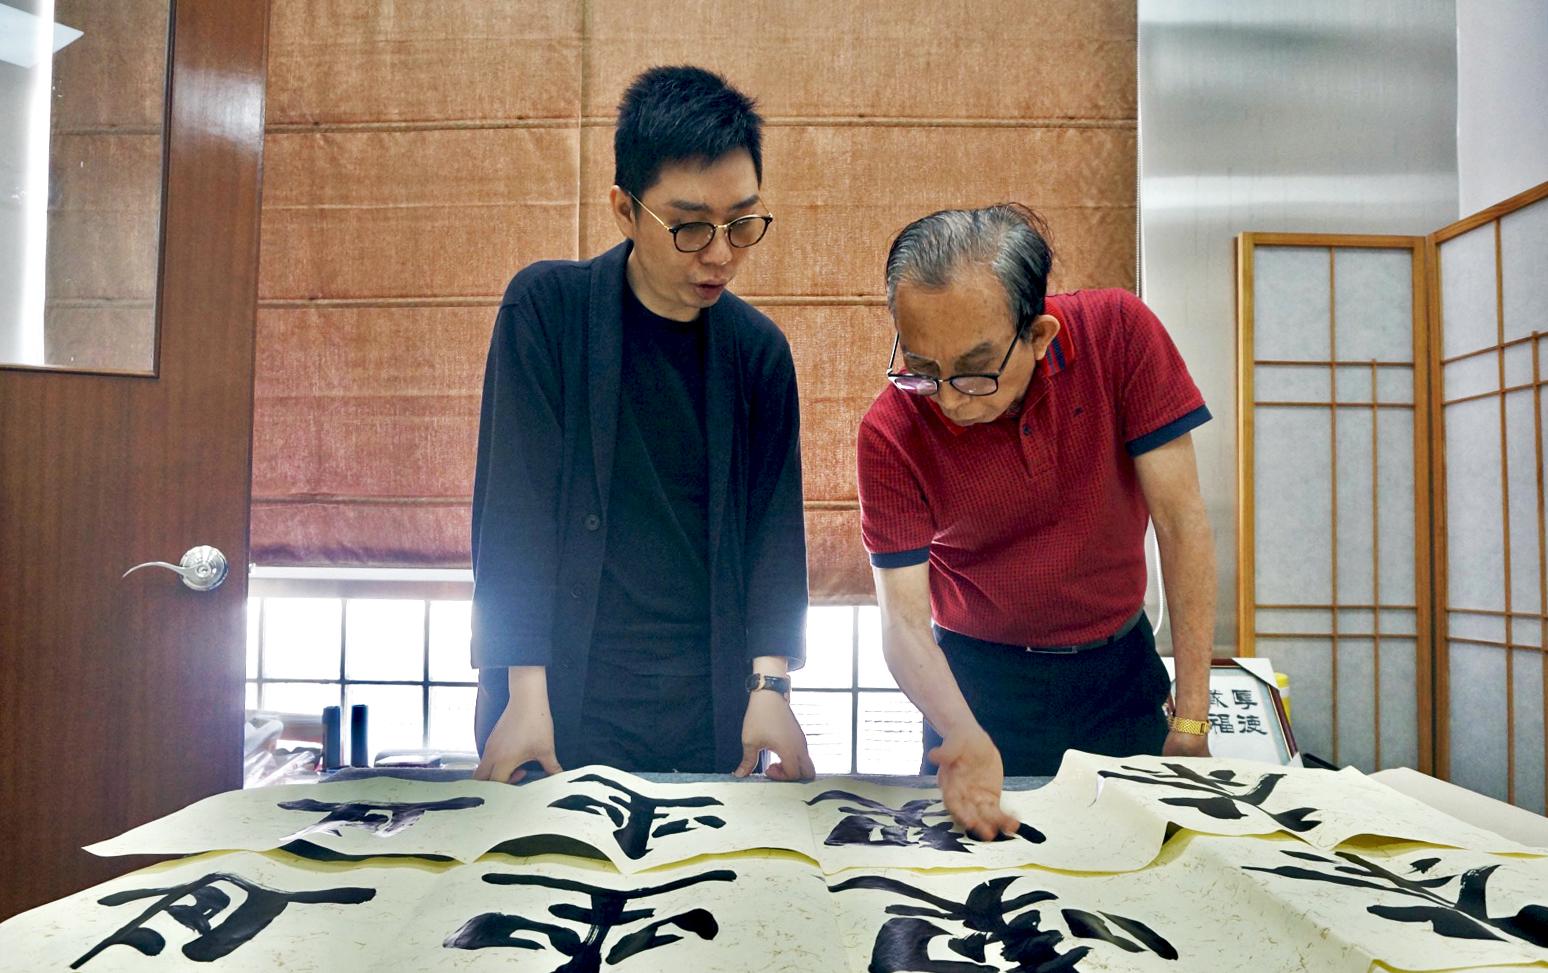 Father and son calligraphers - Mok Wa Kei and Elvis Mok Hei Sai